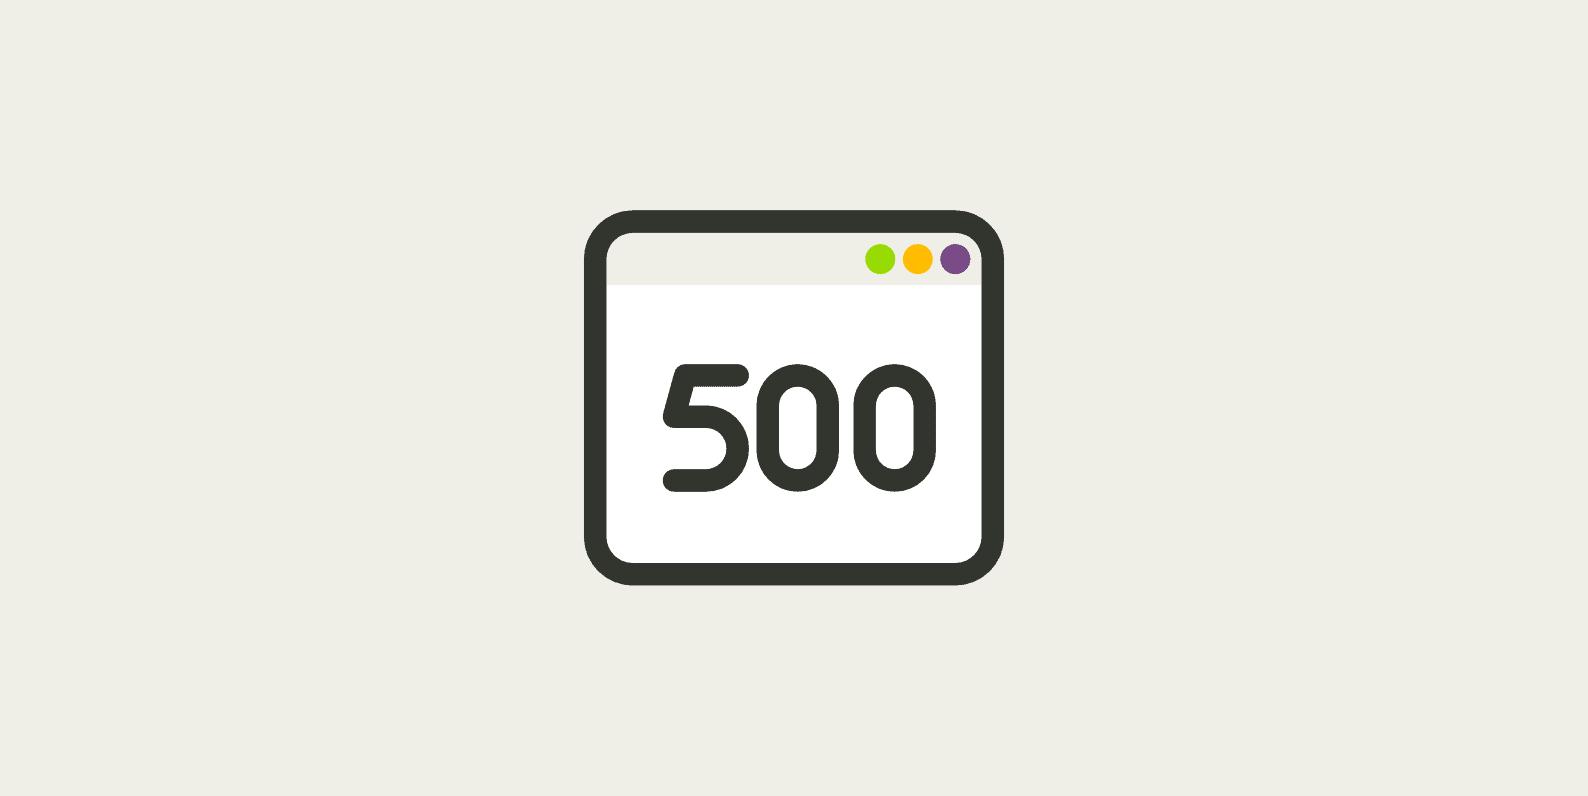 Http Error 500 Hatası Nedir?